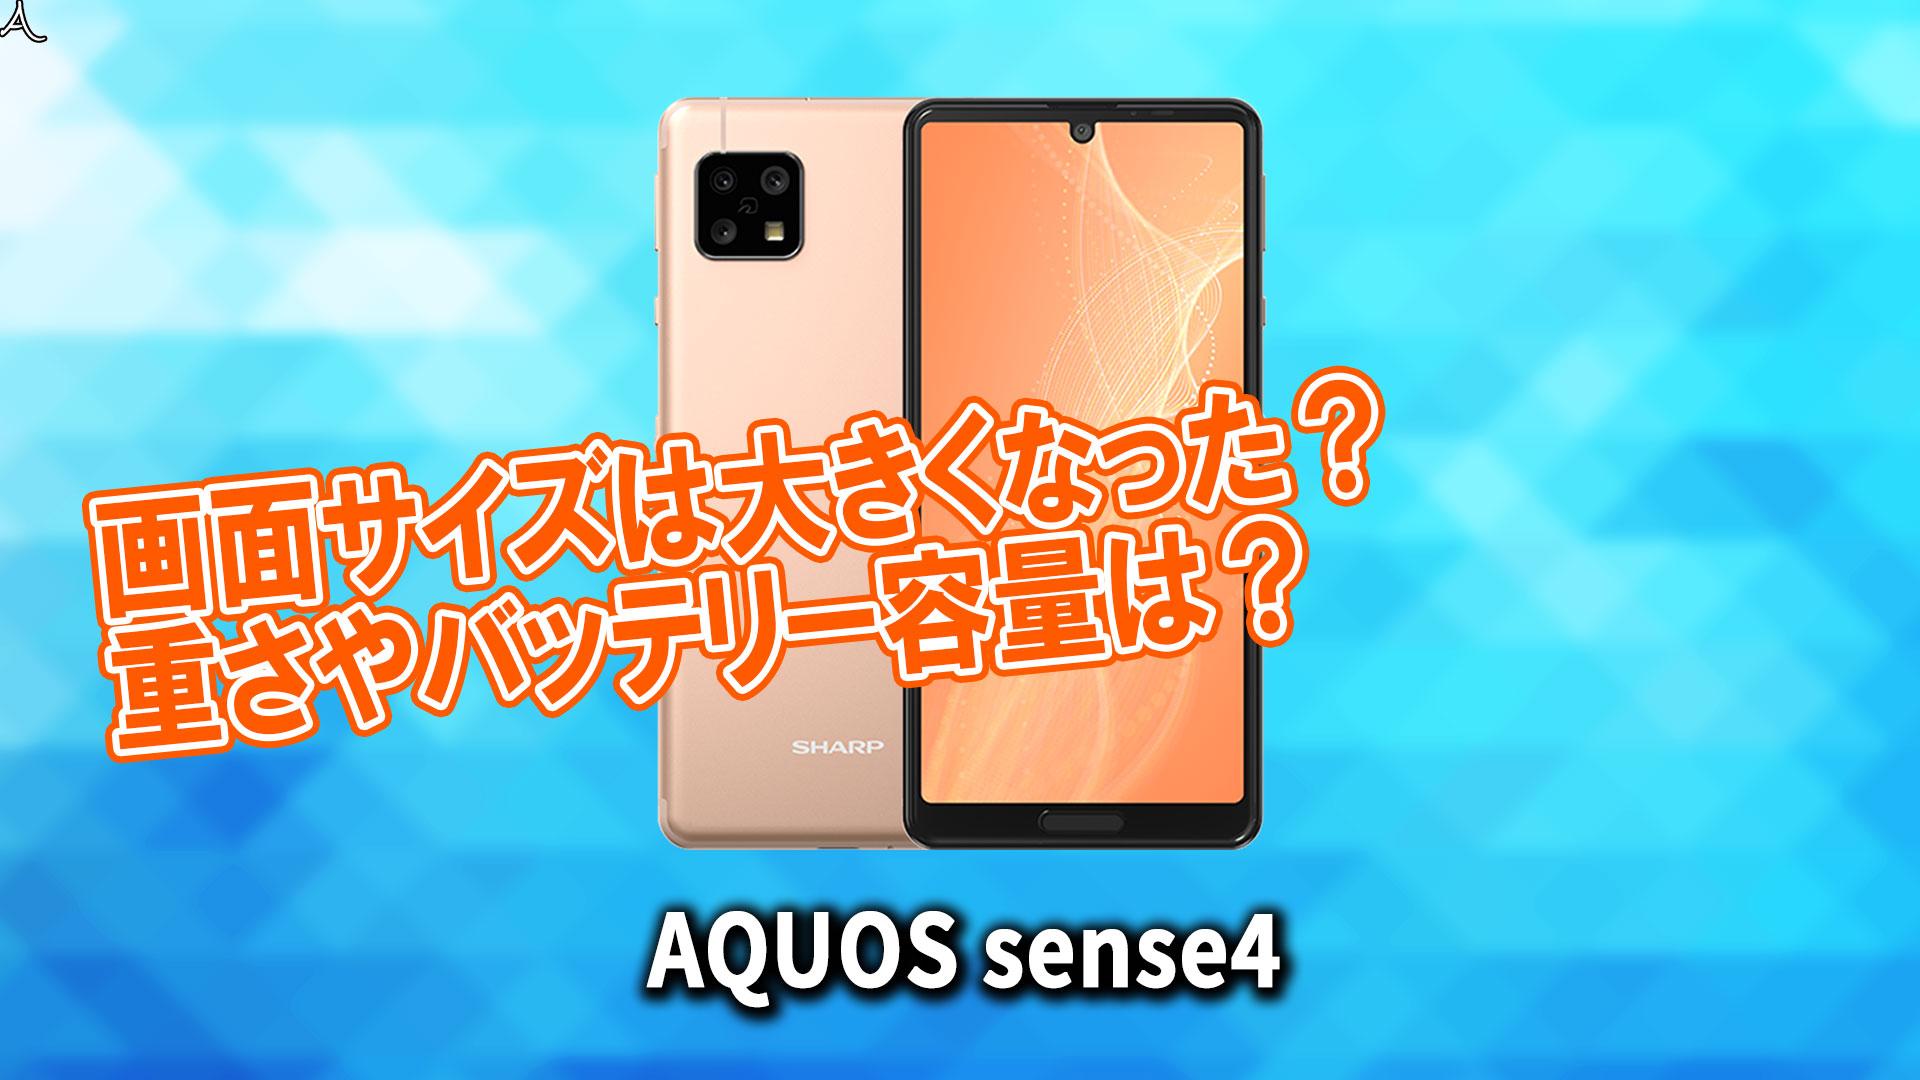 「AQUOS sense4」のサイズや重さを他のスマホと細かく比較